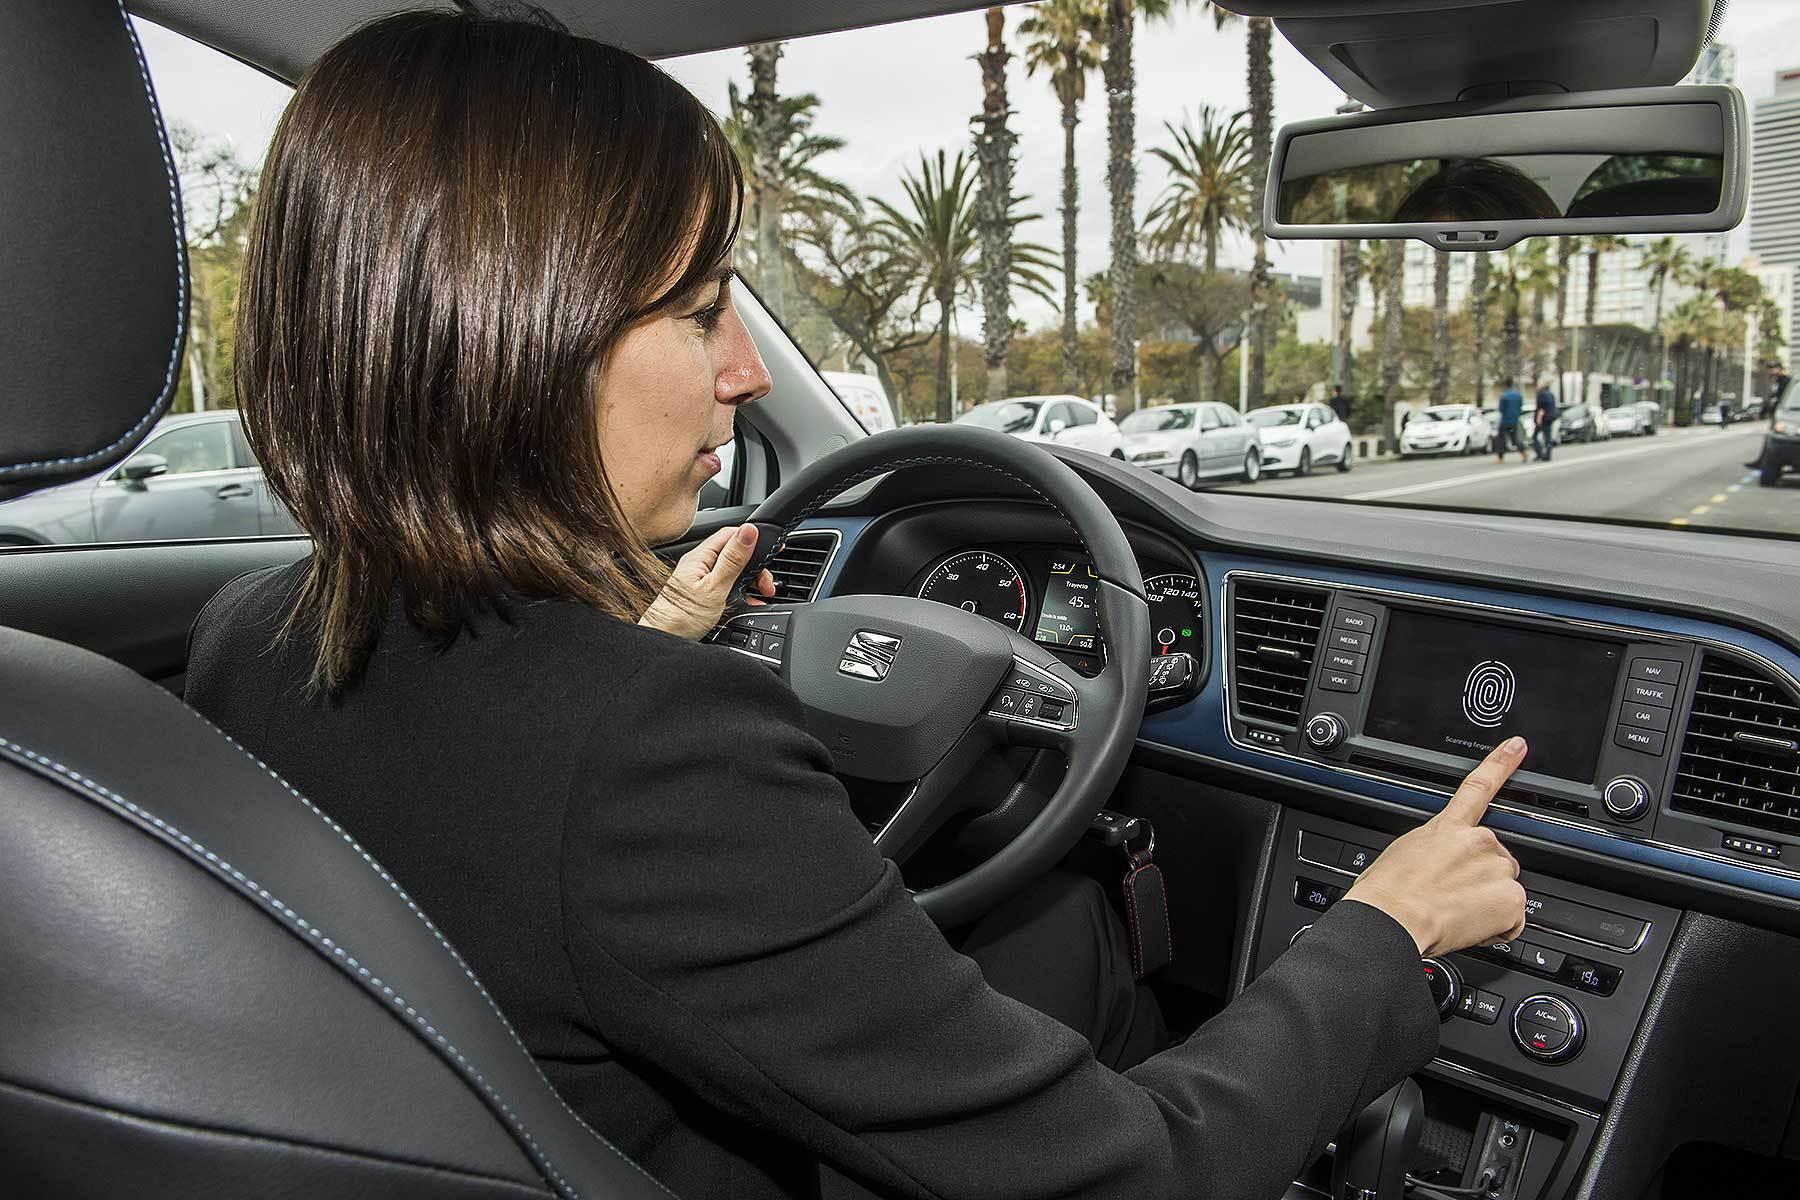 платежи в автомобиле